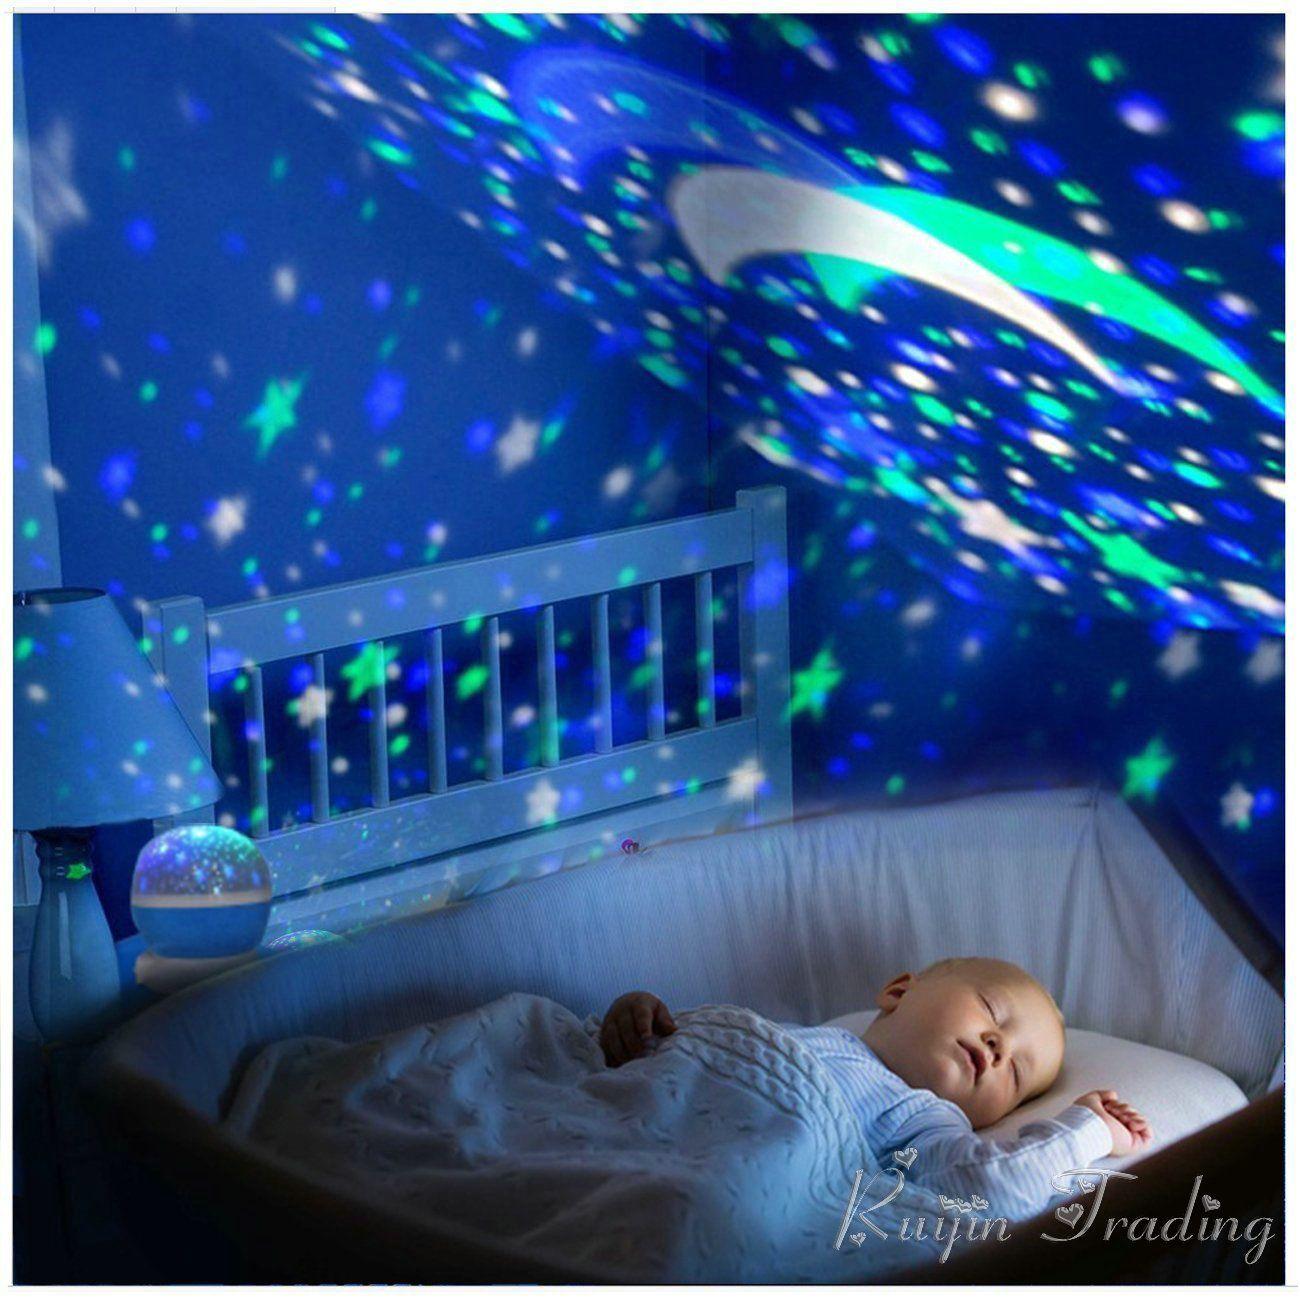 LED Tournant Étoiles Projecteur Nouveauté Éclairage Lune Ciel Rotation Enfants Bébé Pépinière Nuit Batterie Légère Exploité Lampe de Secours